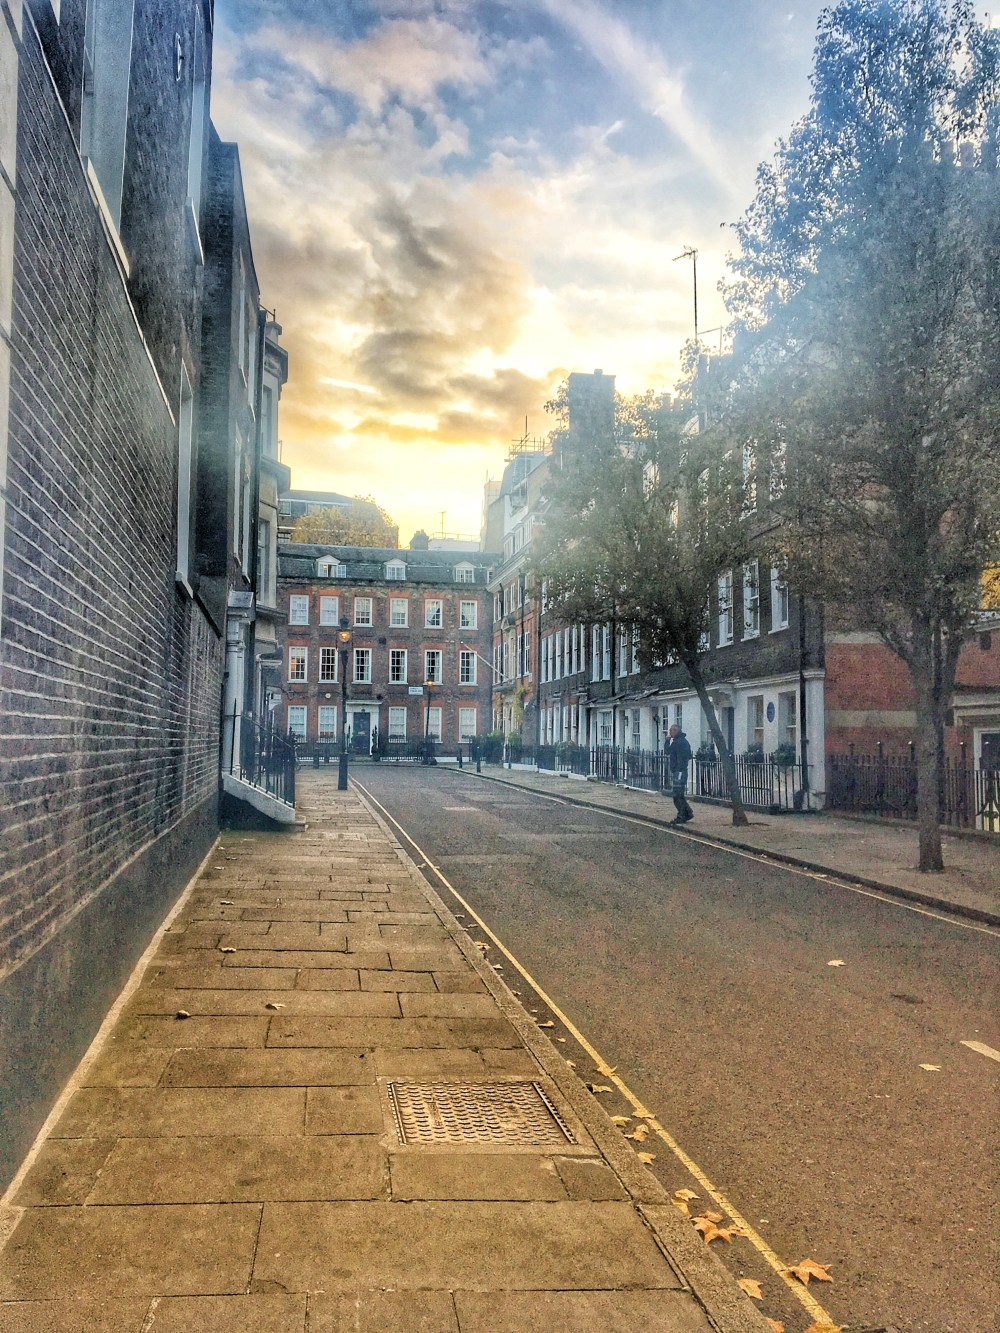 Walking in Westminster